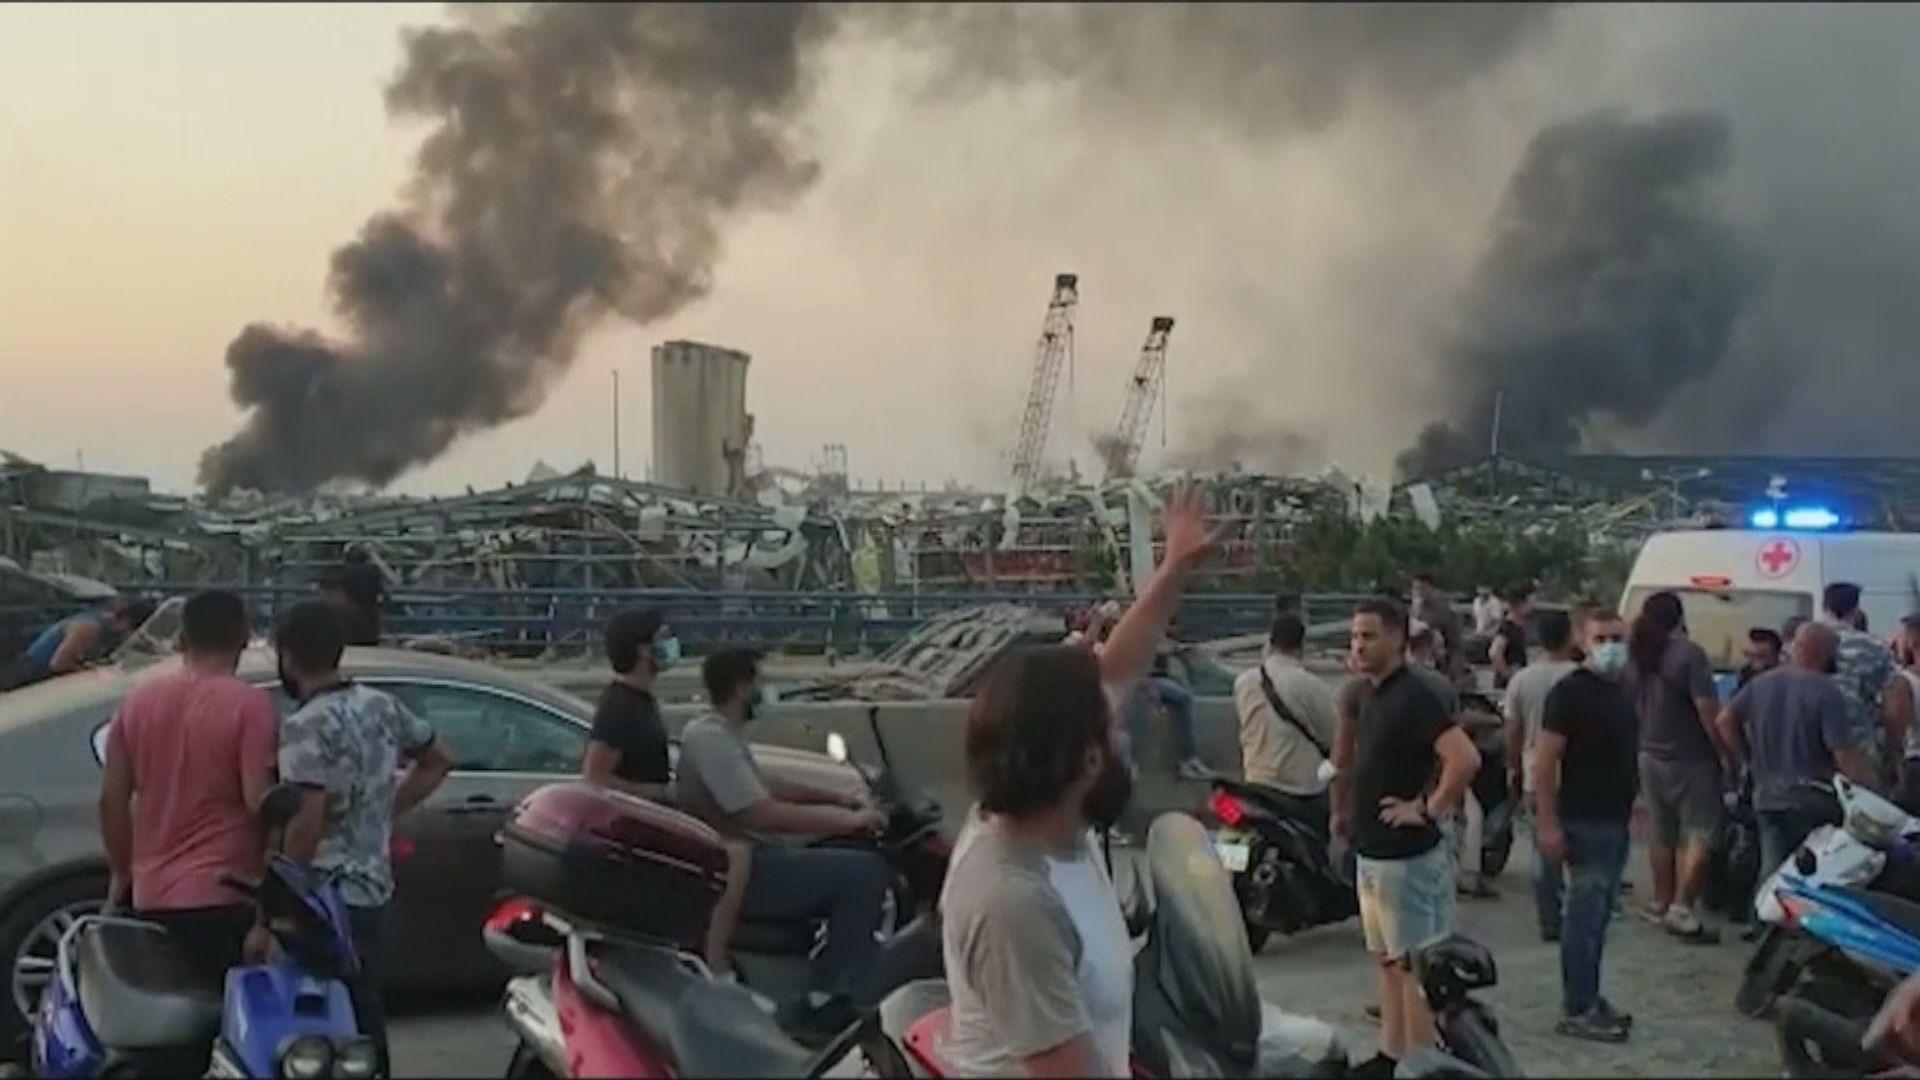 黎巴嫩倉庫大爆炸至少70死四千傷 周三為全國哀悼日